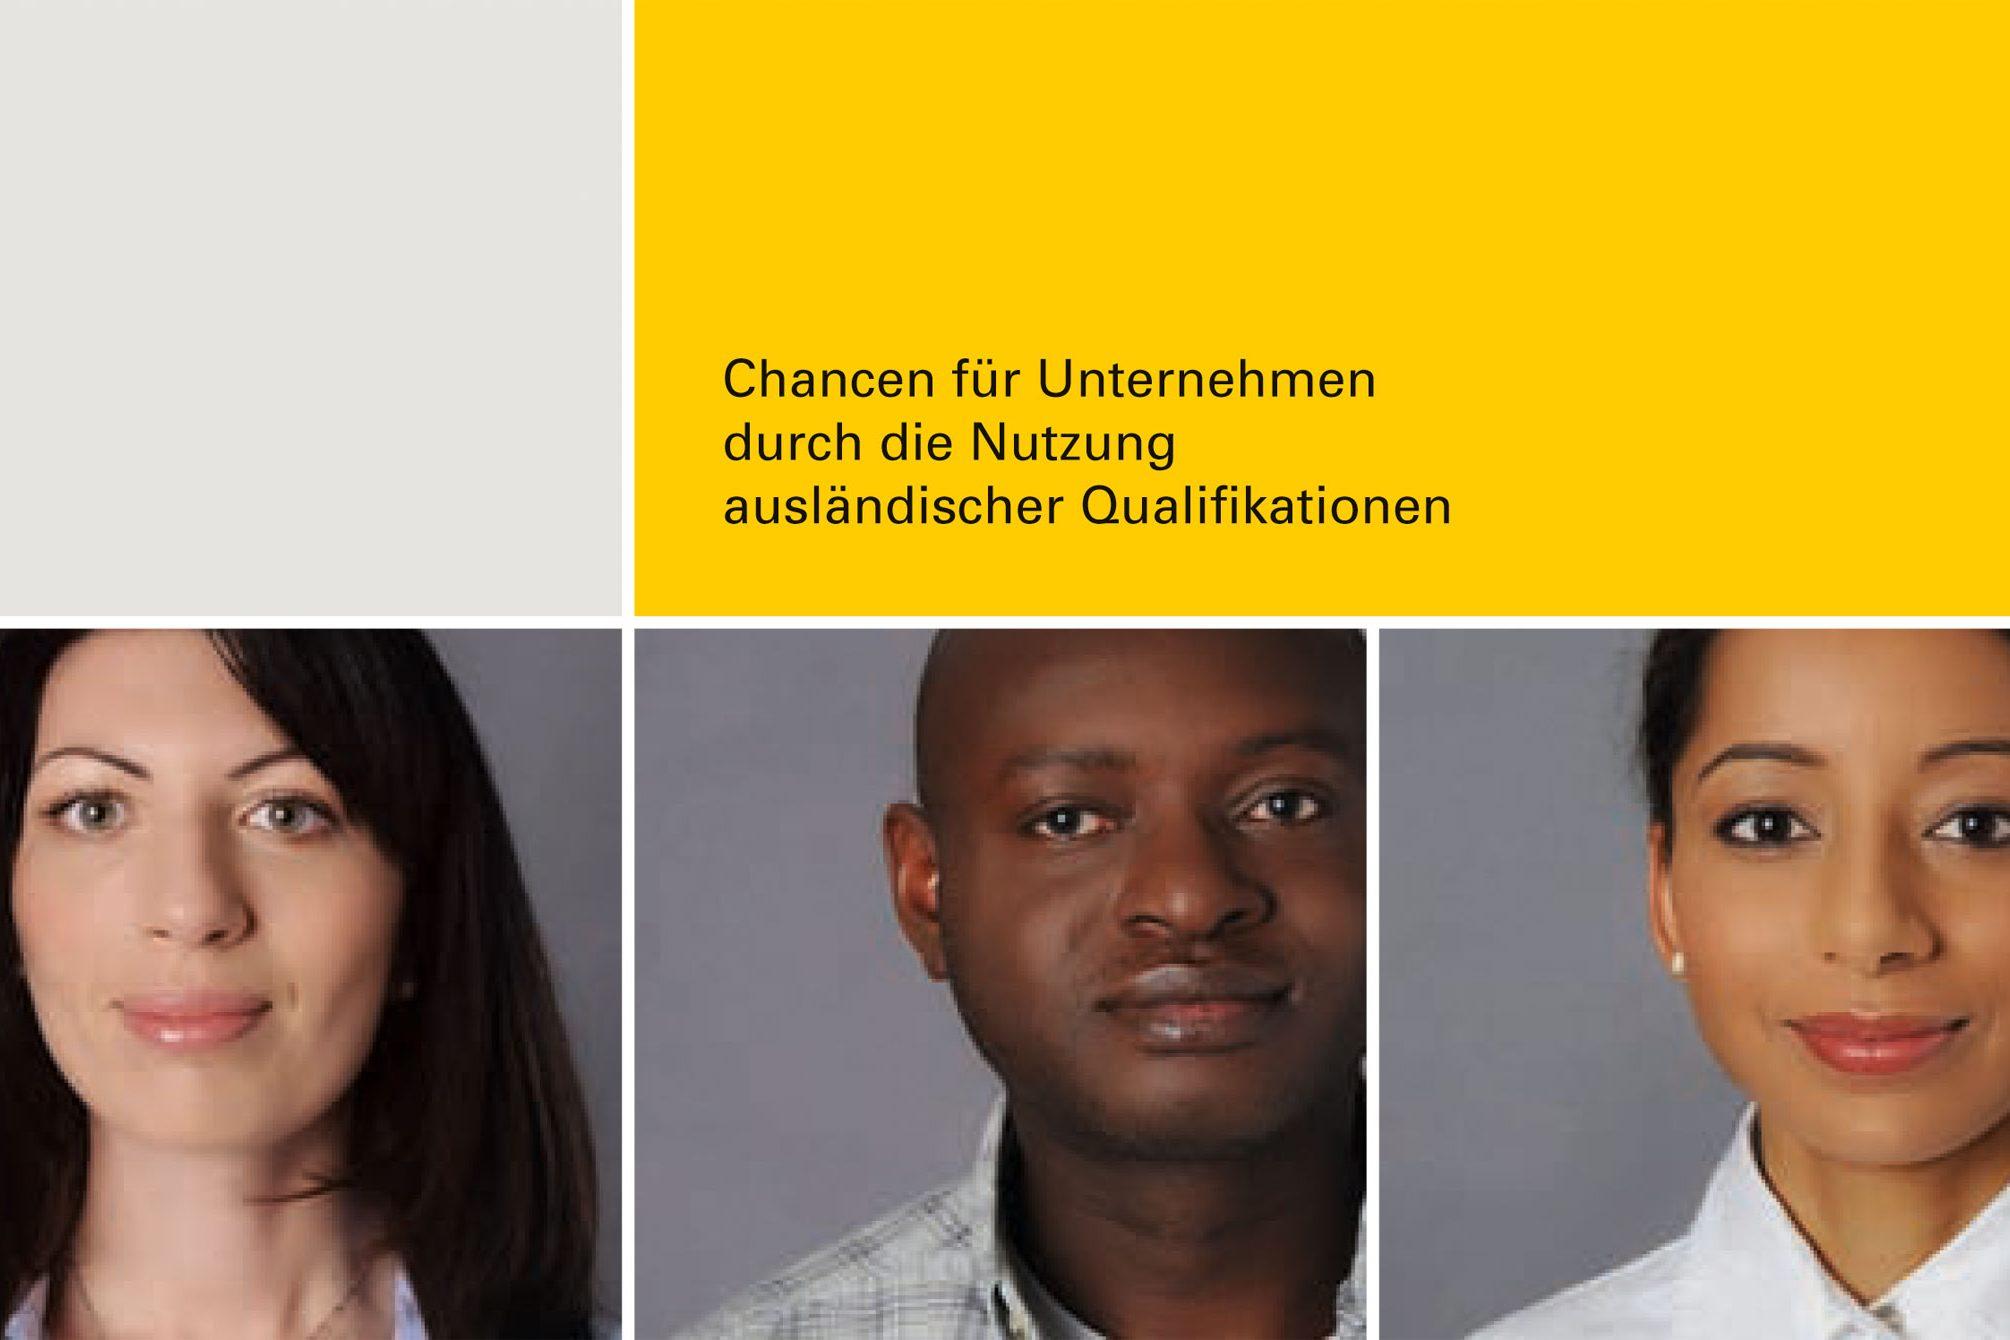 Landeshauptstadt München, Servicestellte zur Erschließung ausländischer Qualifikationen:Kluge Köpfe für Deutschland